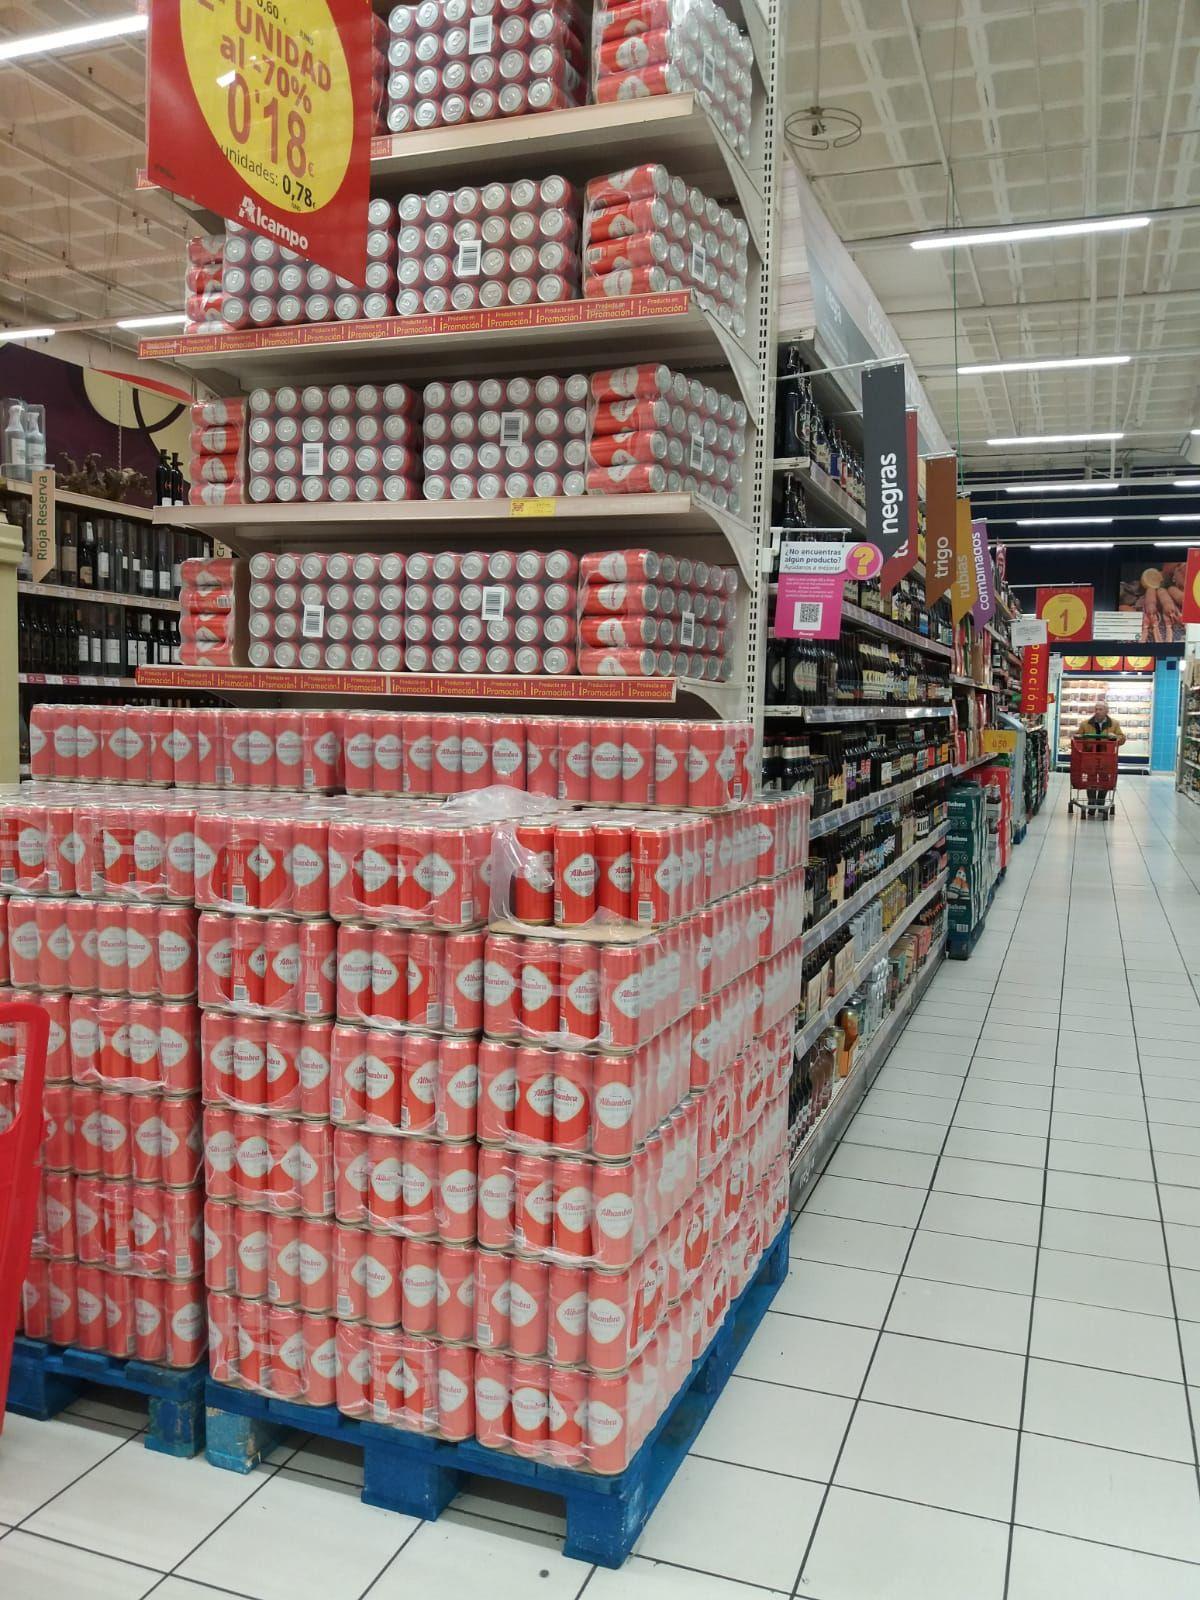 Cerveza Alhambra 50 cl 2a unidad al 70%